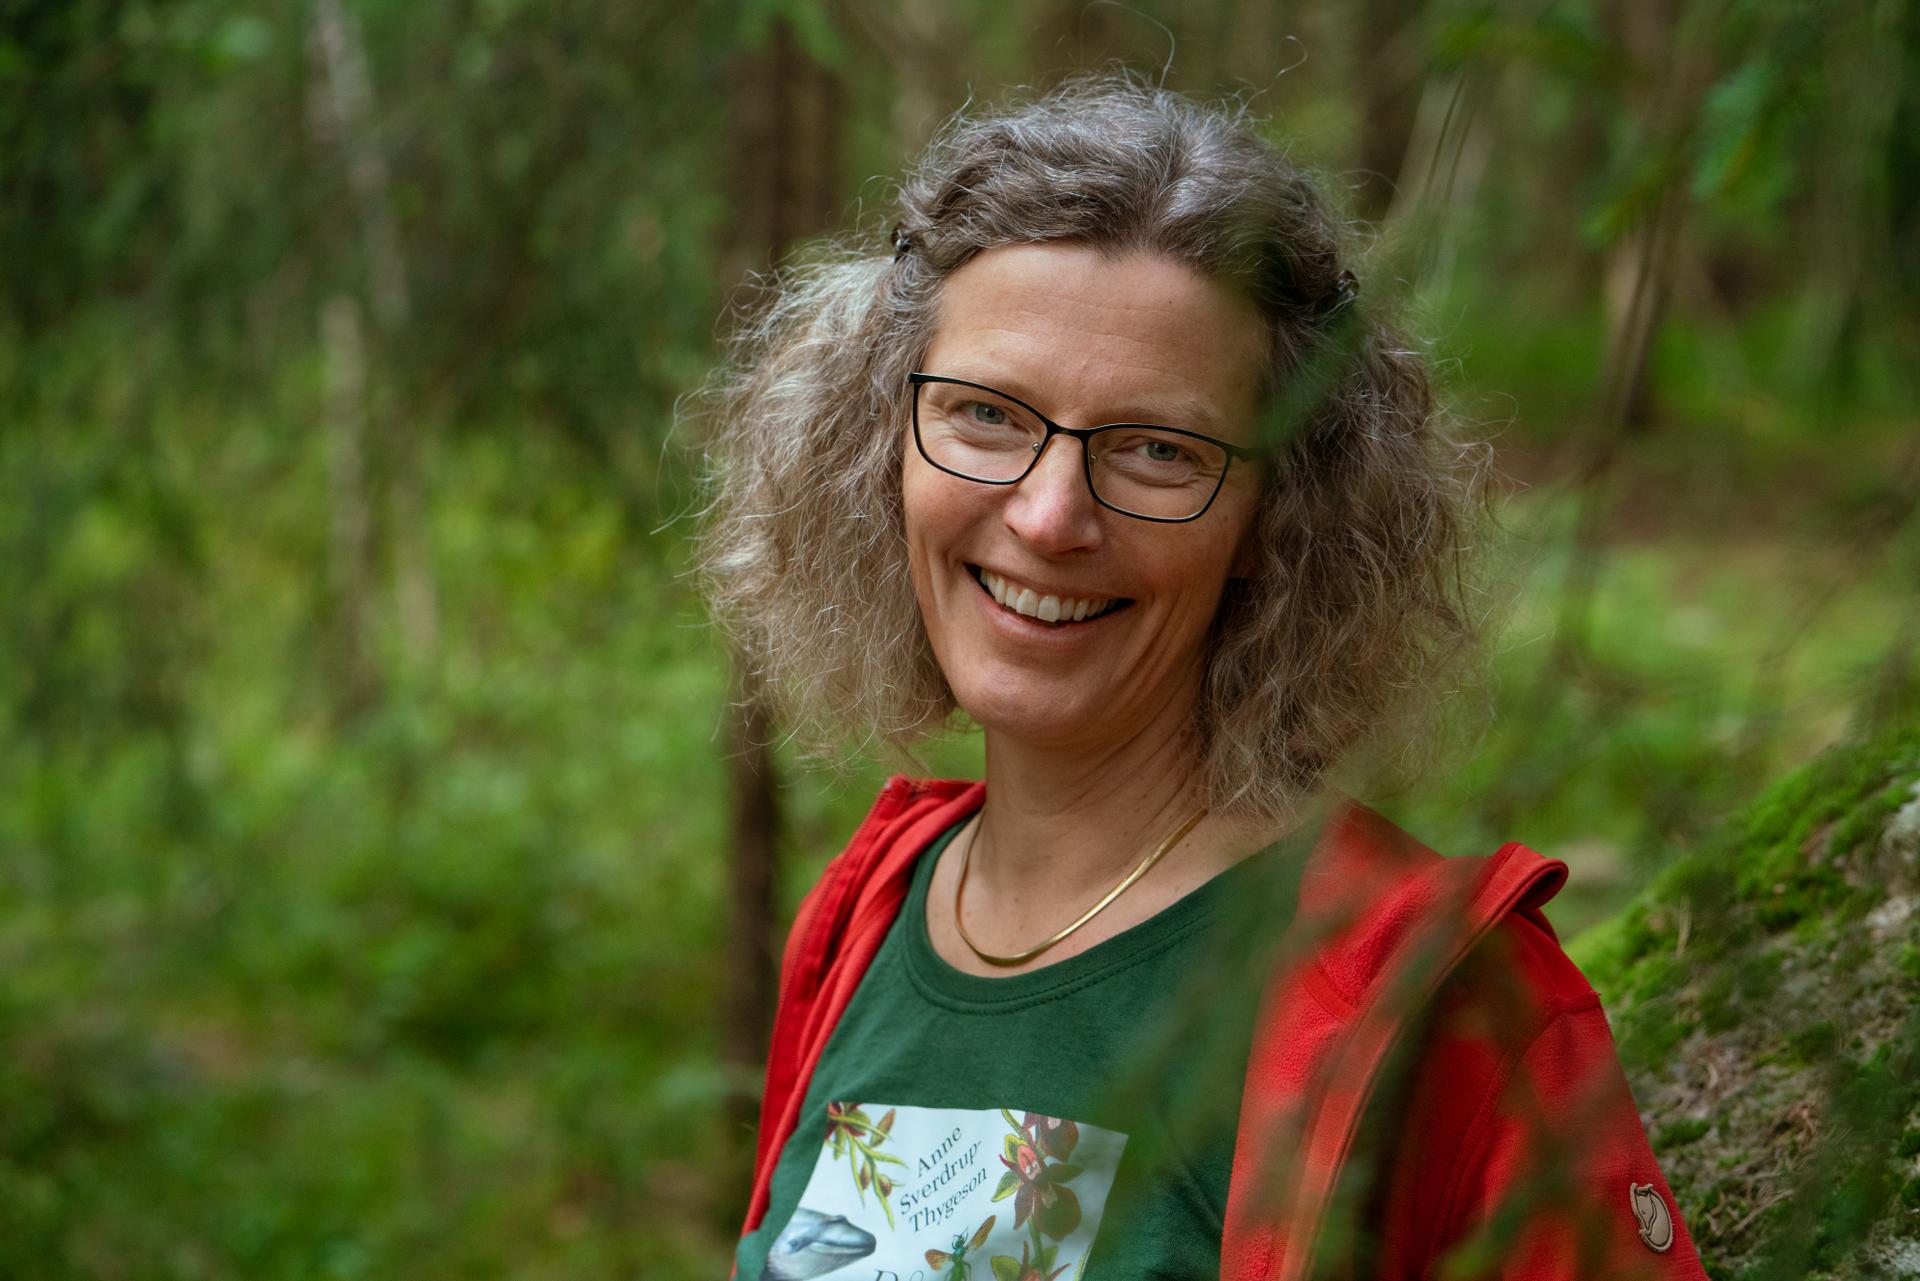 På naturens skuldre. Foto: Celina Øier